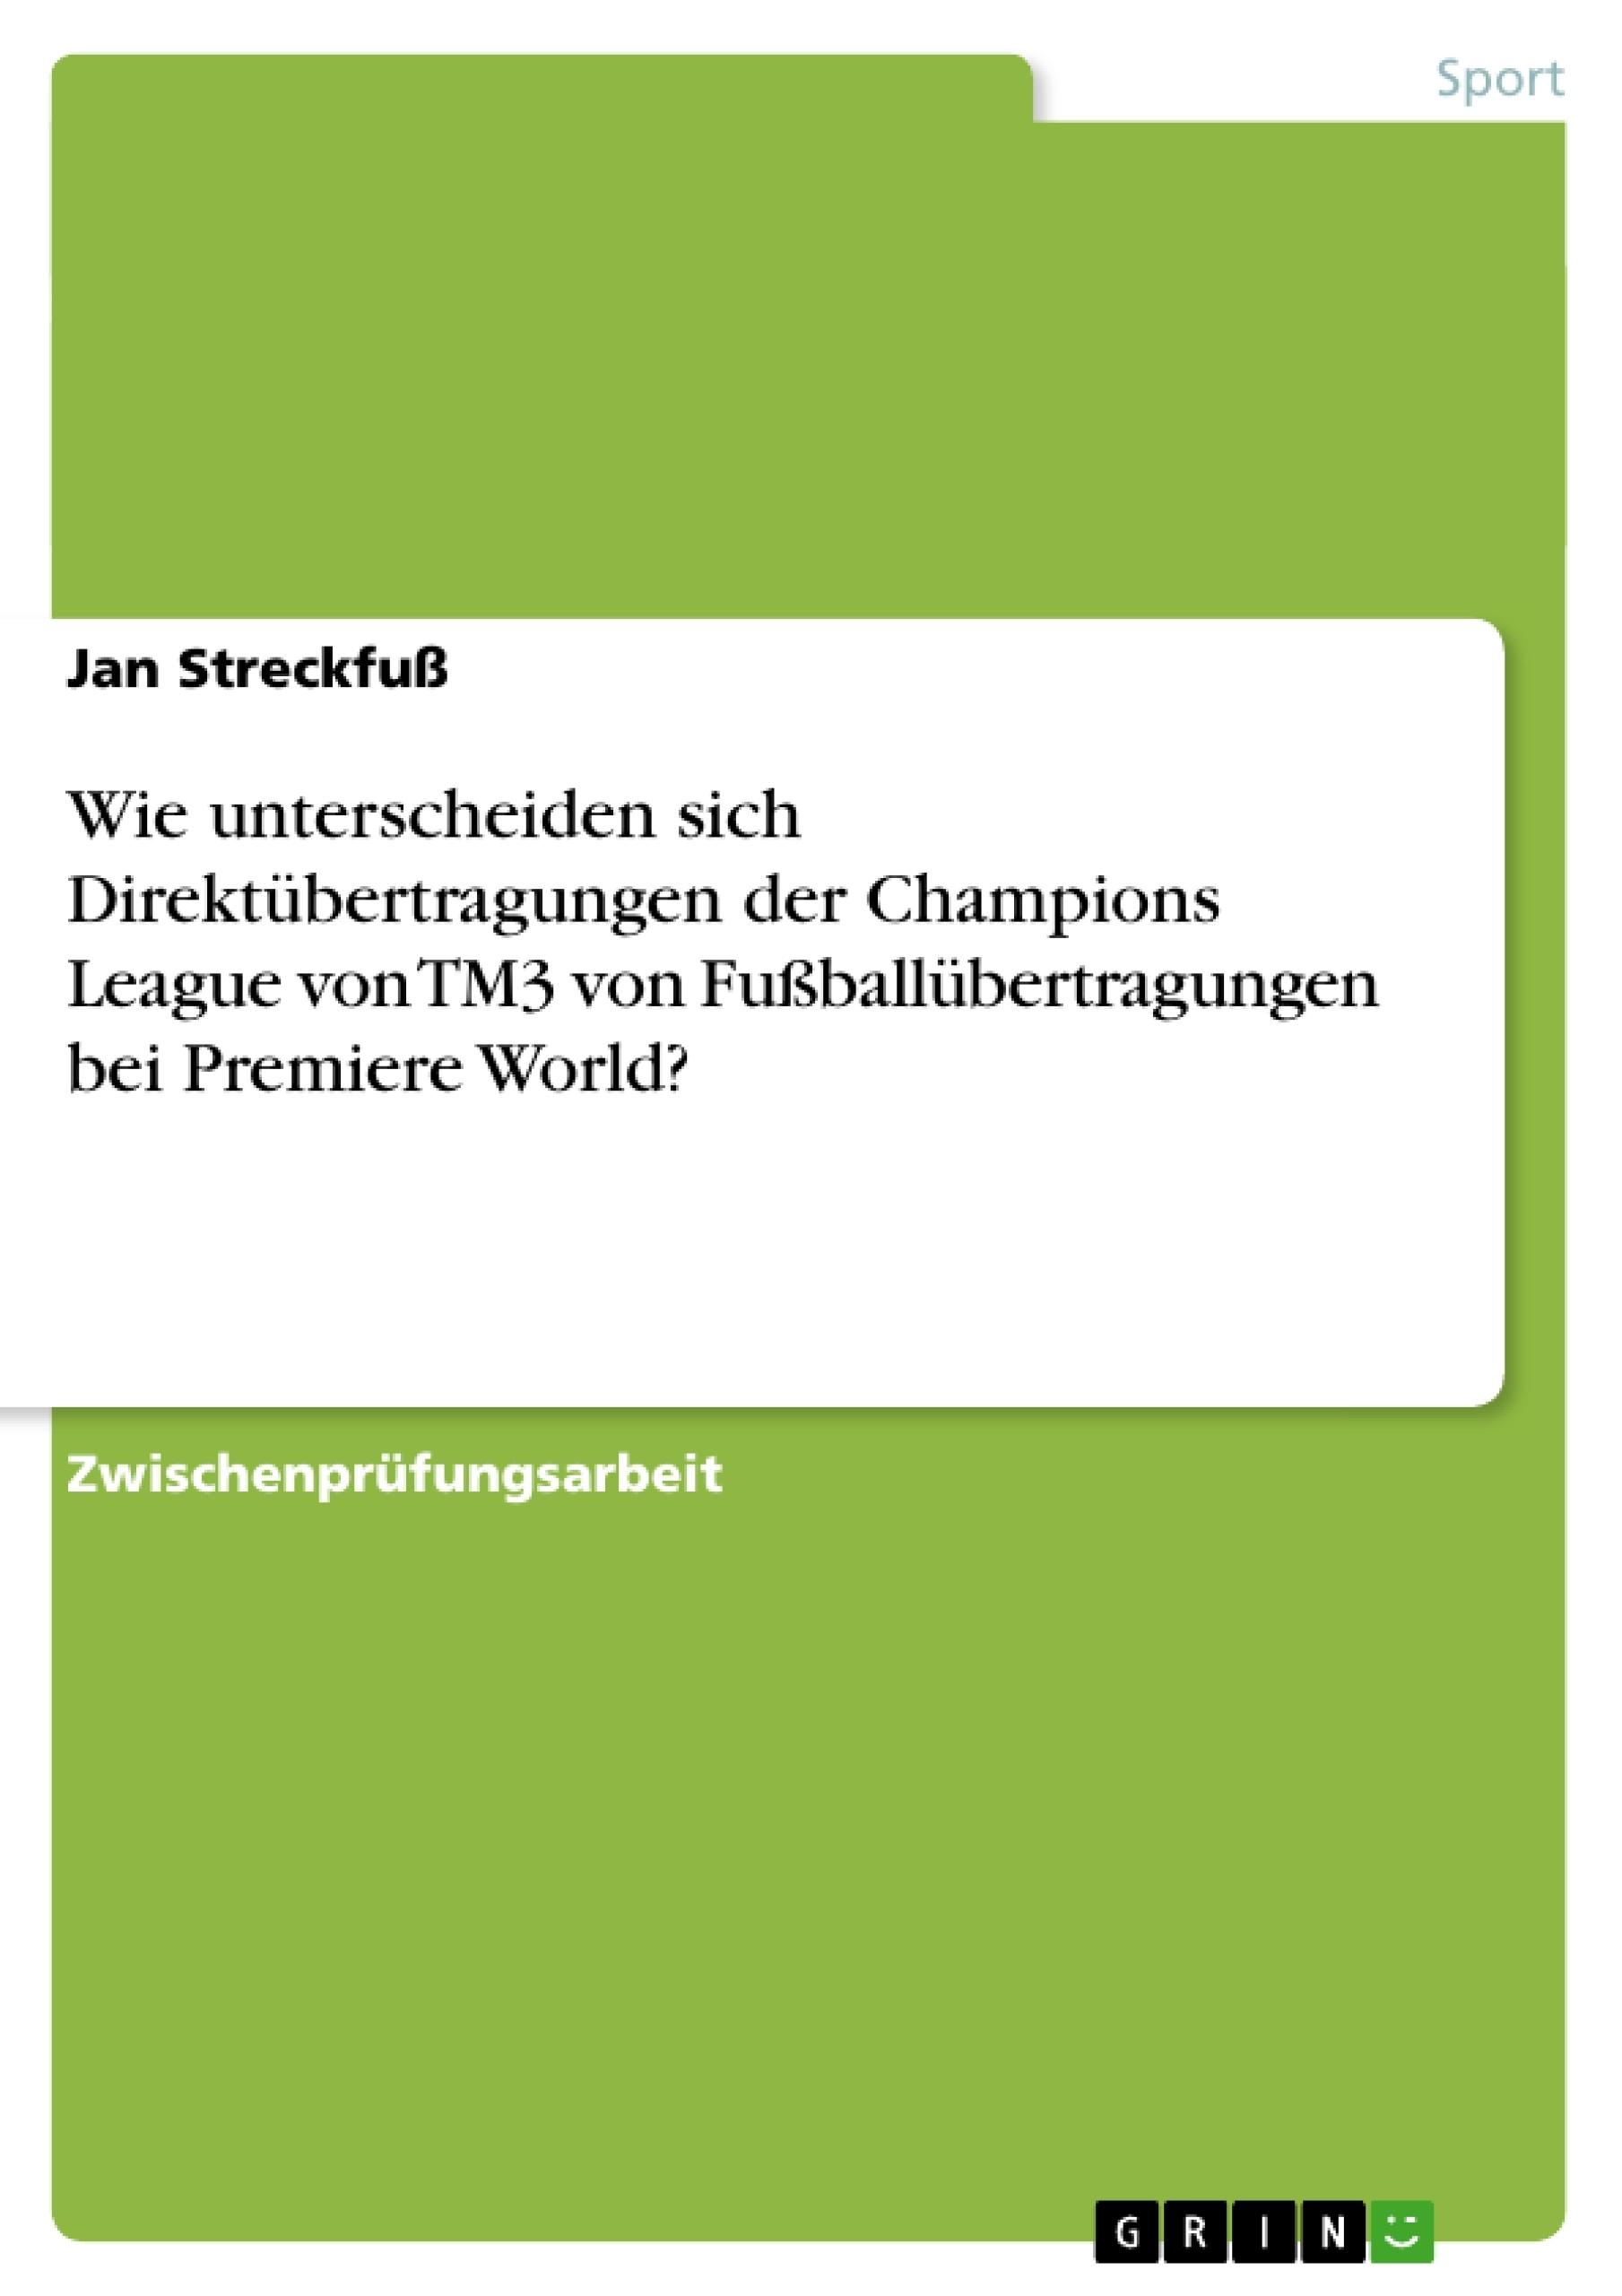 Titel: Wie unterscheiden sich Direktübertragungen der Champions League von TM3 von Fußballübertragungen bei Premiere World?